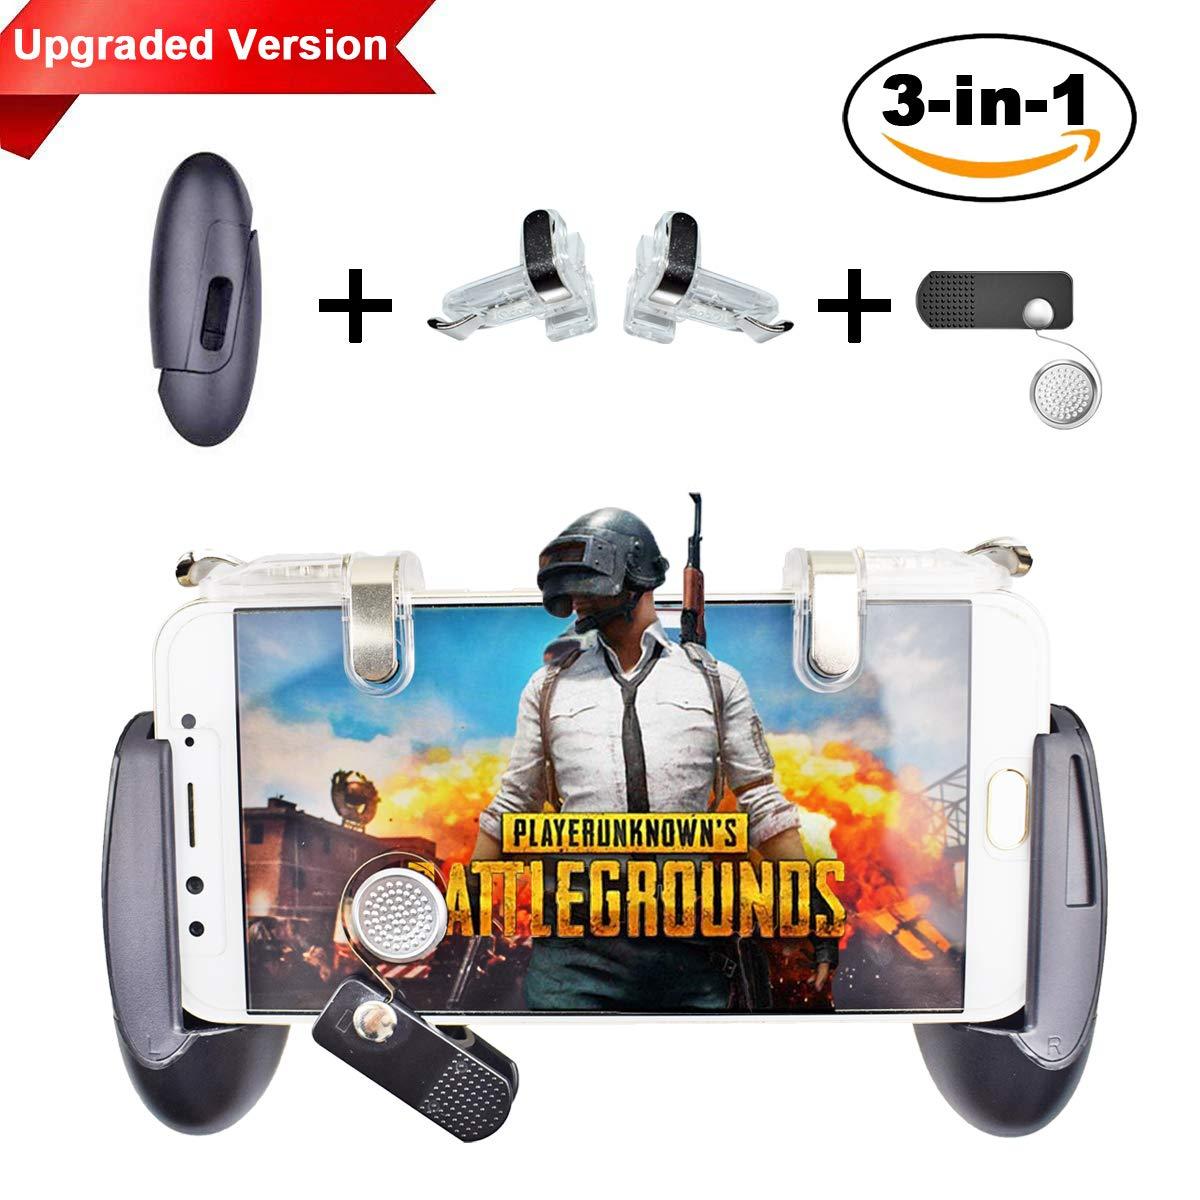 PUBG Mobile Game Controller - BESTZY 3-in-1 controller con gamepad, gaming trigger e joystick per telefoni da 4,5-7 pollici BU3017